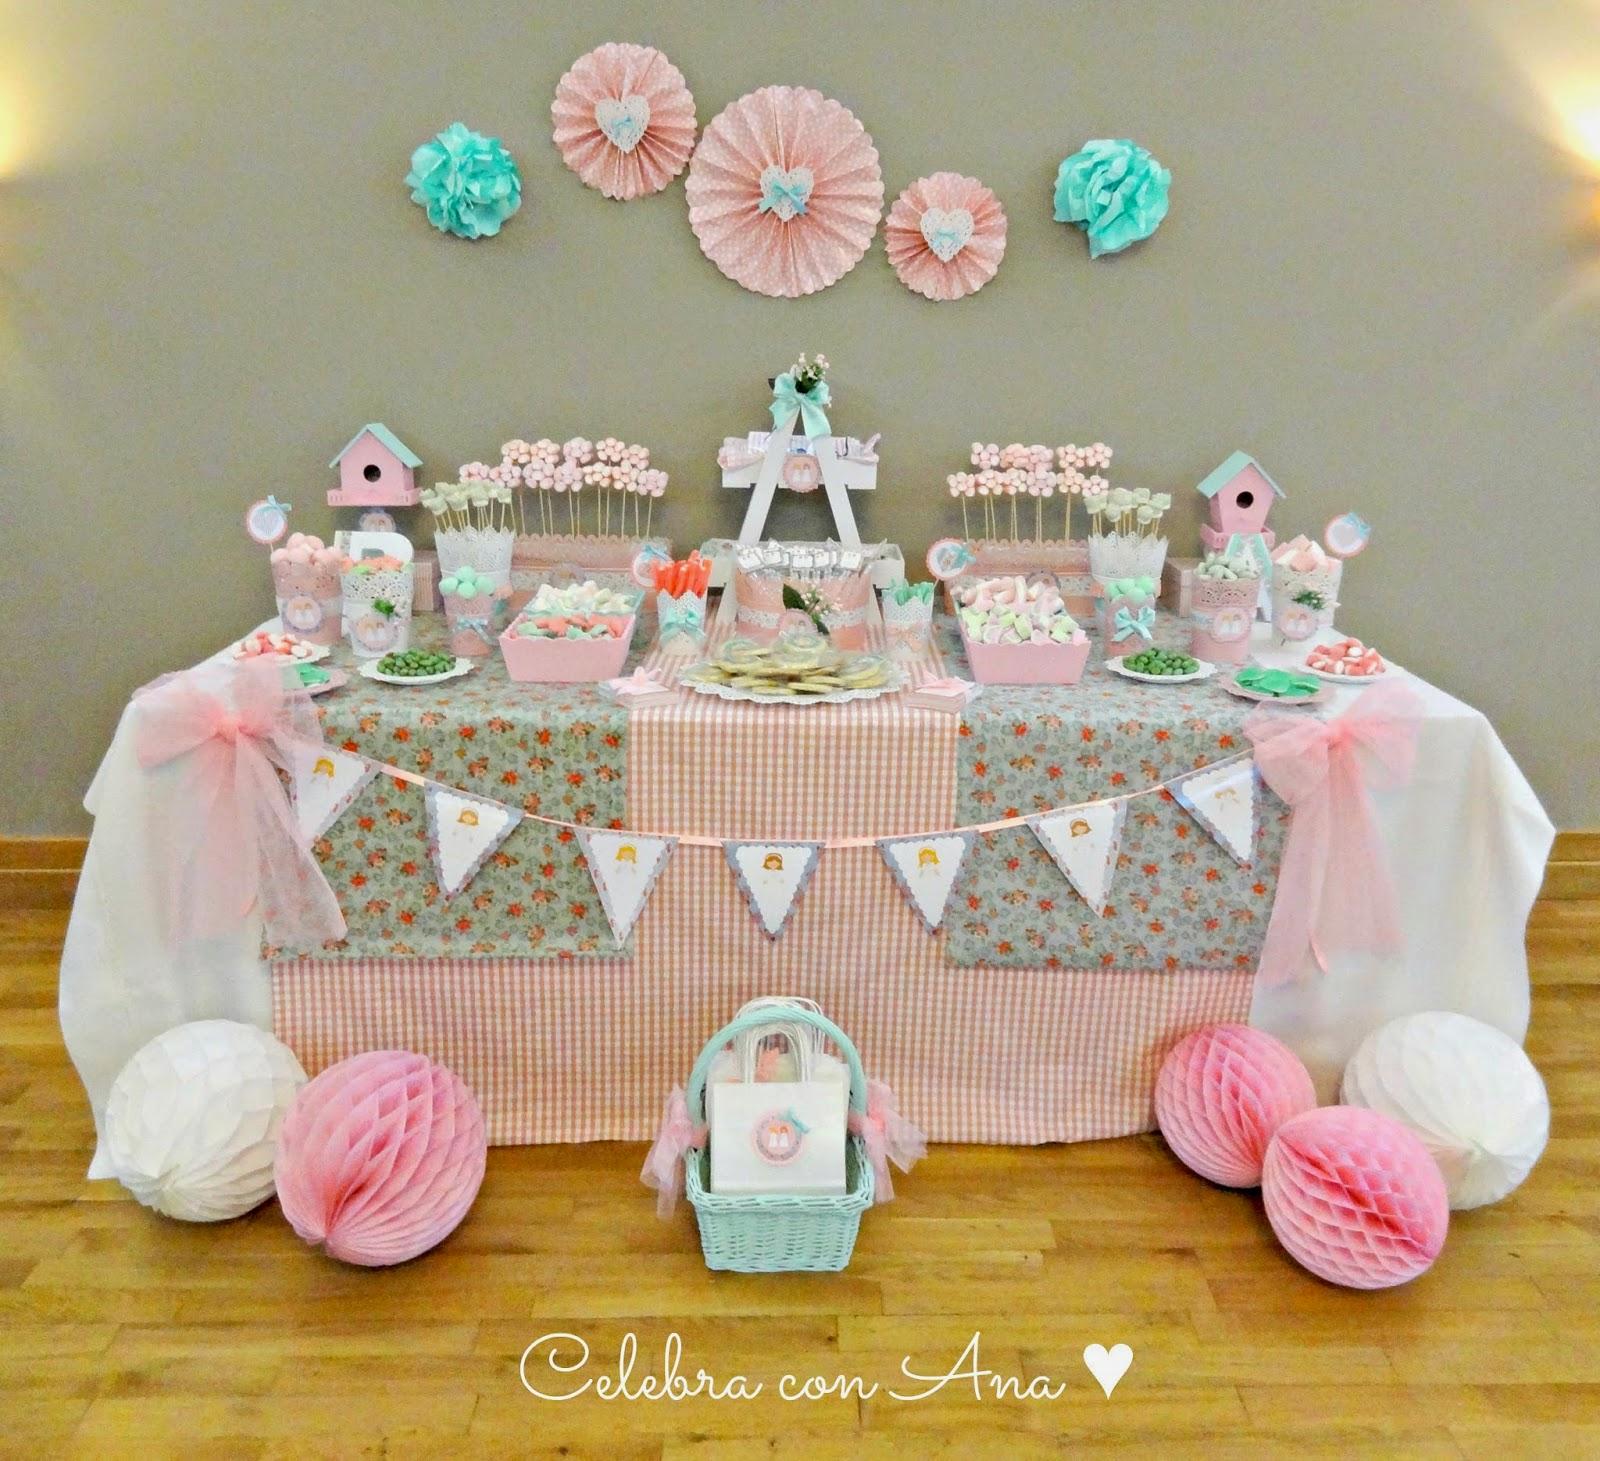 Celebra con ana compartiendo experiencias creativas - Ideas para decorar una mesa de comunion ...